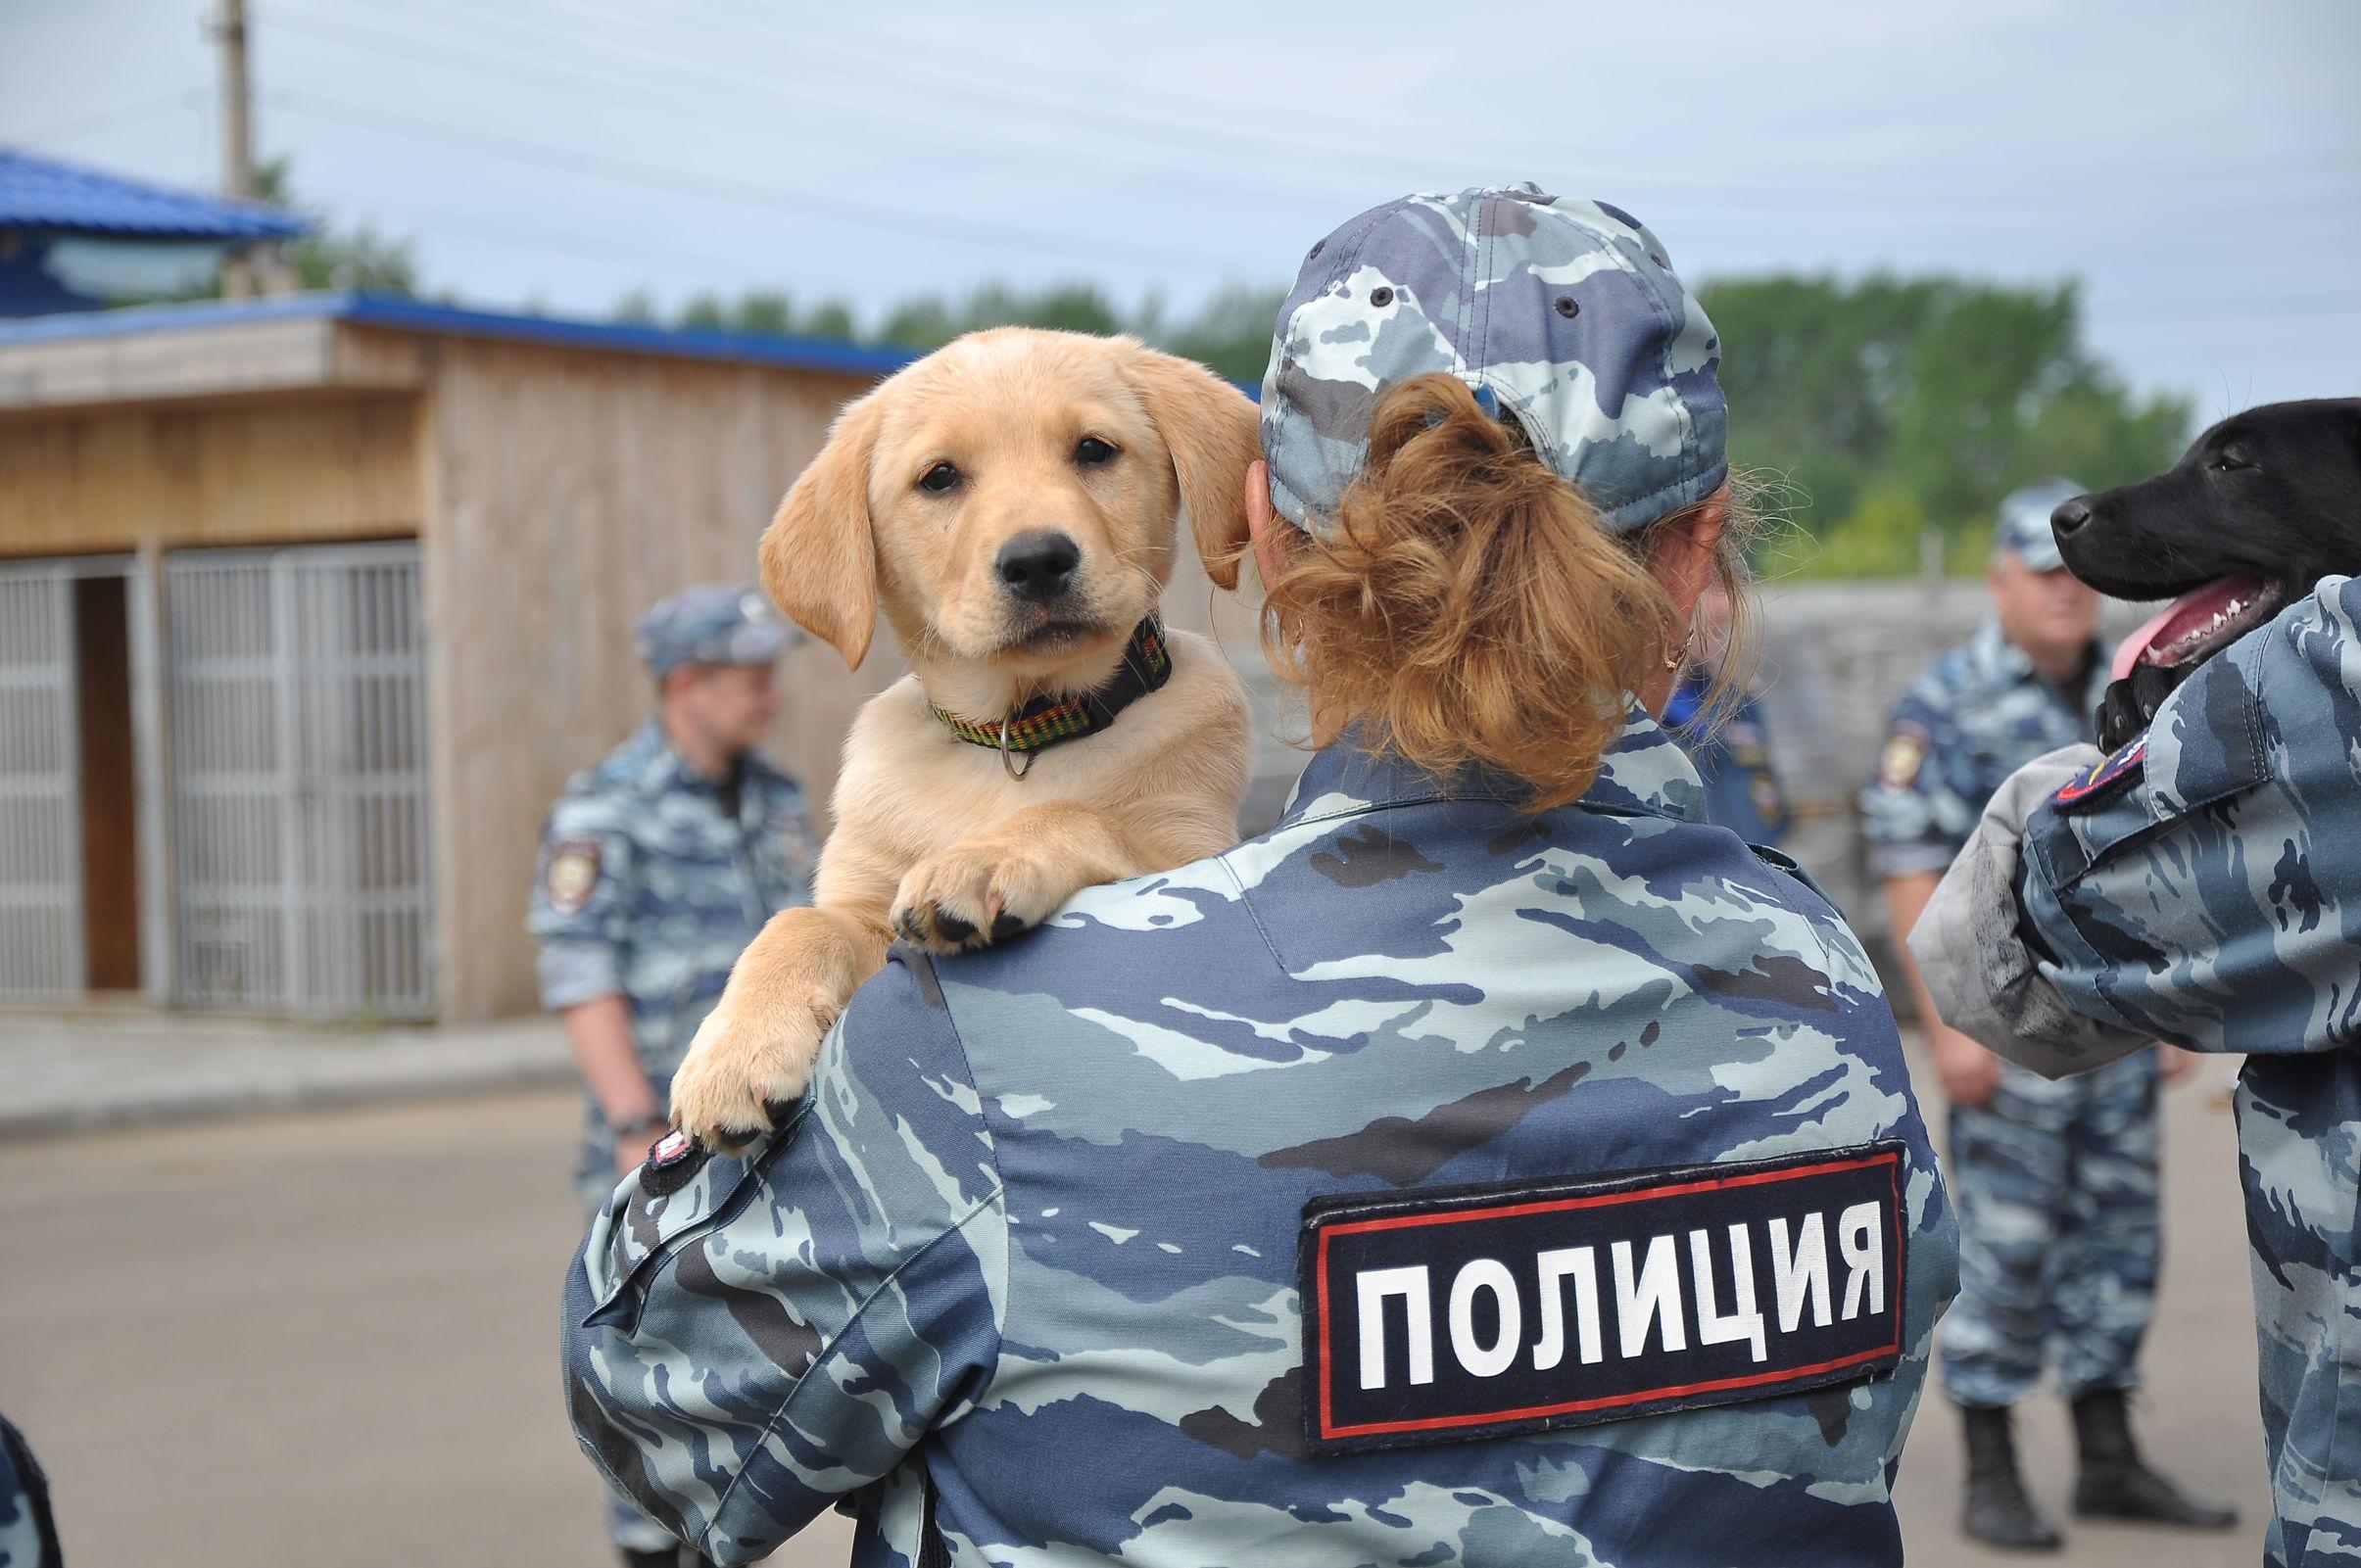 100 полицейских собак служат в Ярославской области: кинологи празднуют 110-летний юбилей